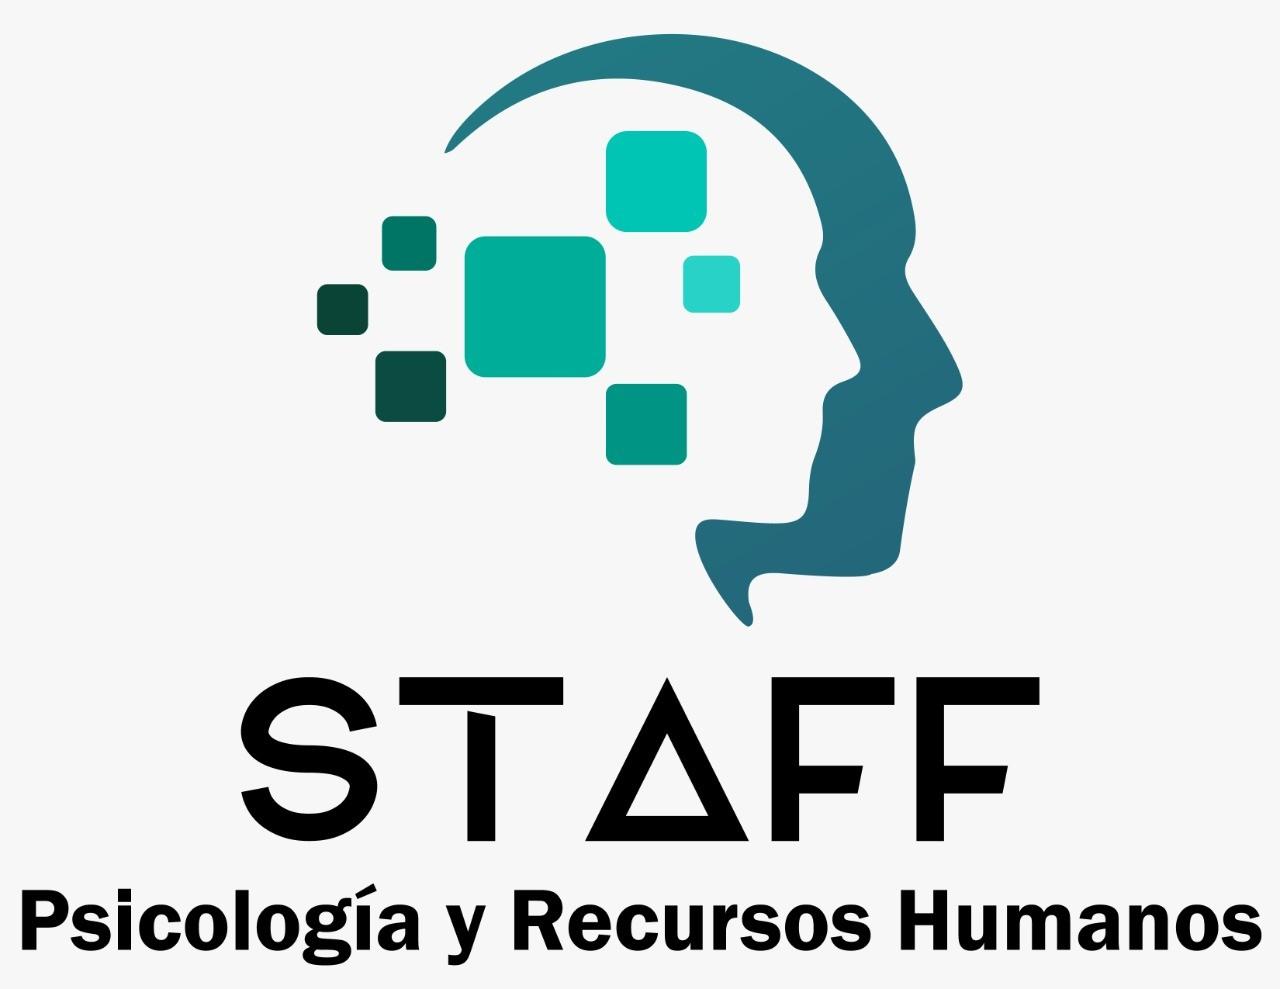 Staff psicología y recursos humanos